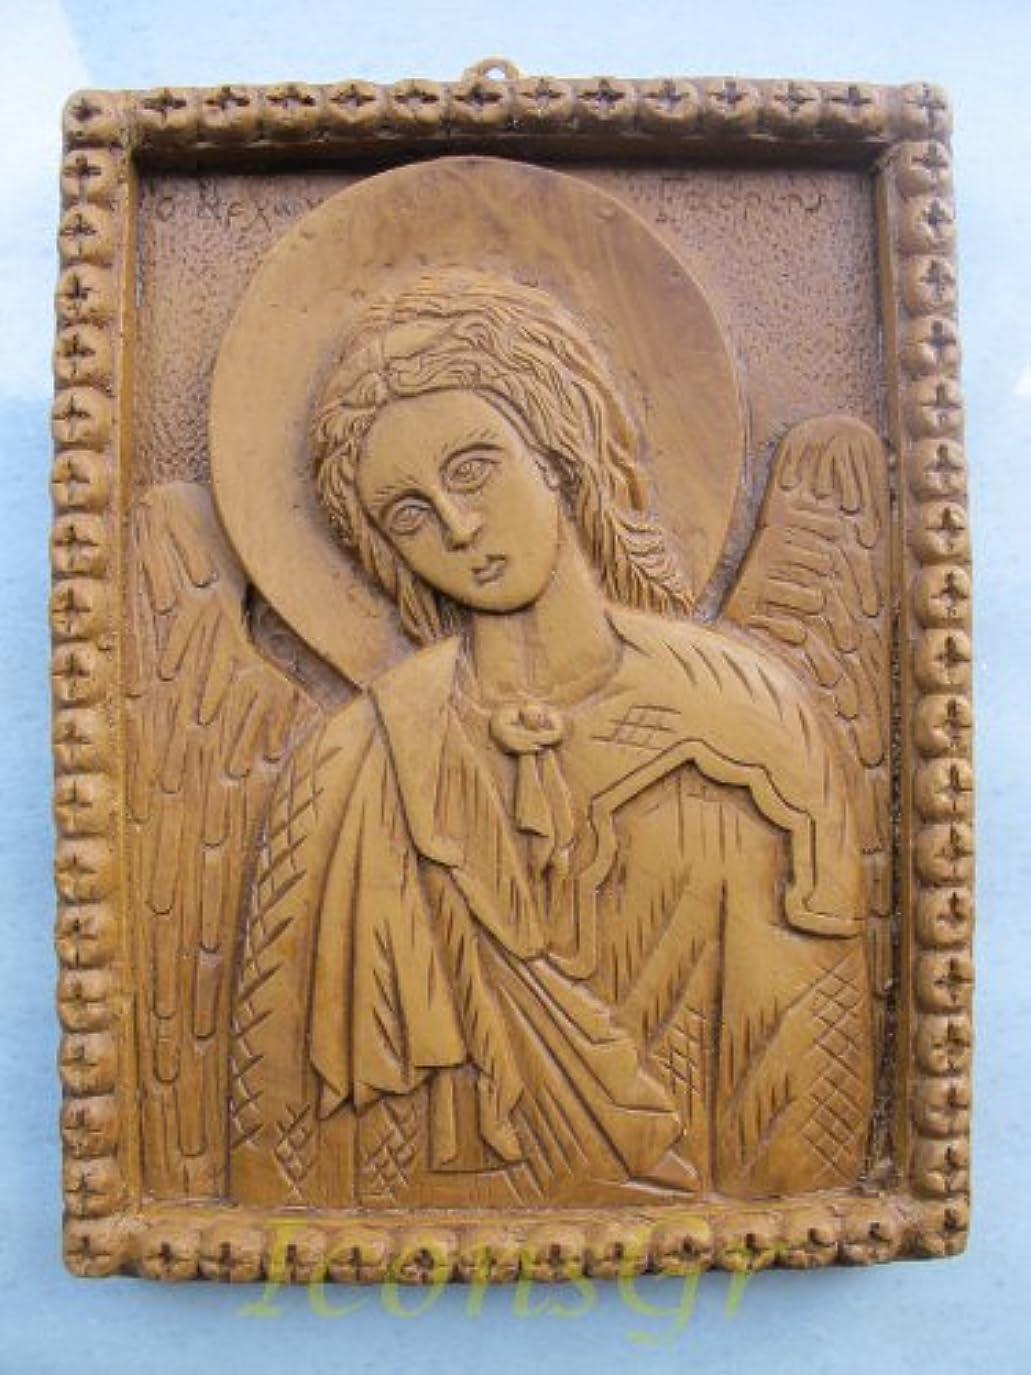 征服者テレビ局哲学的Handmade Carved Aromaticワックスから祝福アイコンアトスのArchangel Gabriel 173